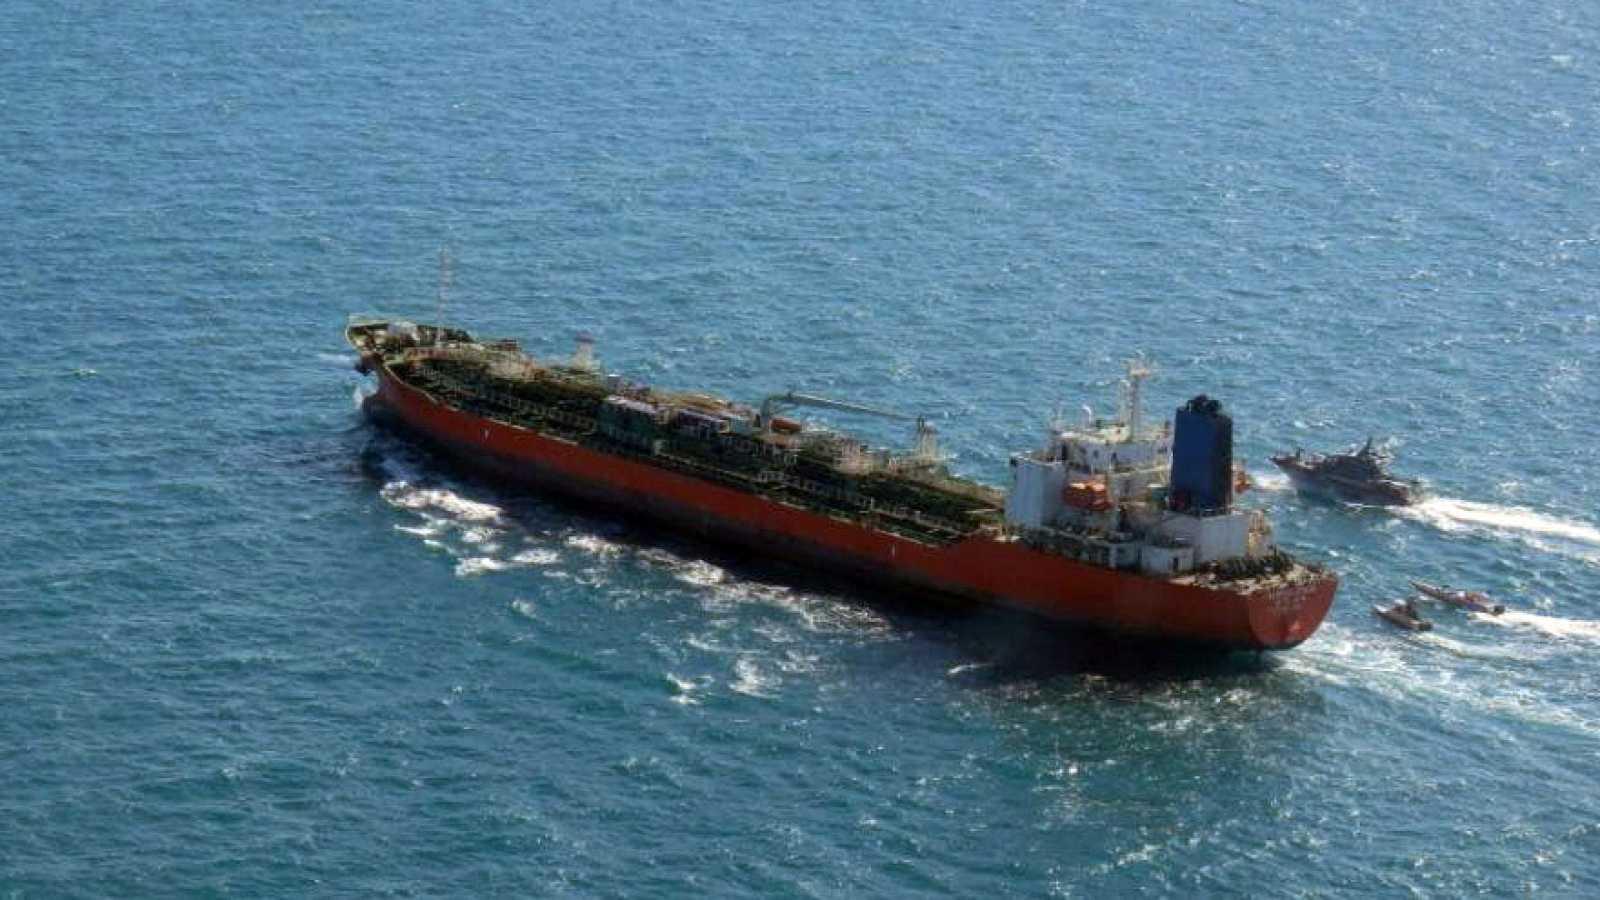 Asia hoy - Irán presiona enriqueciendo uranio - 05/01/21 - Escuchar ahora